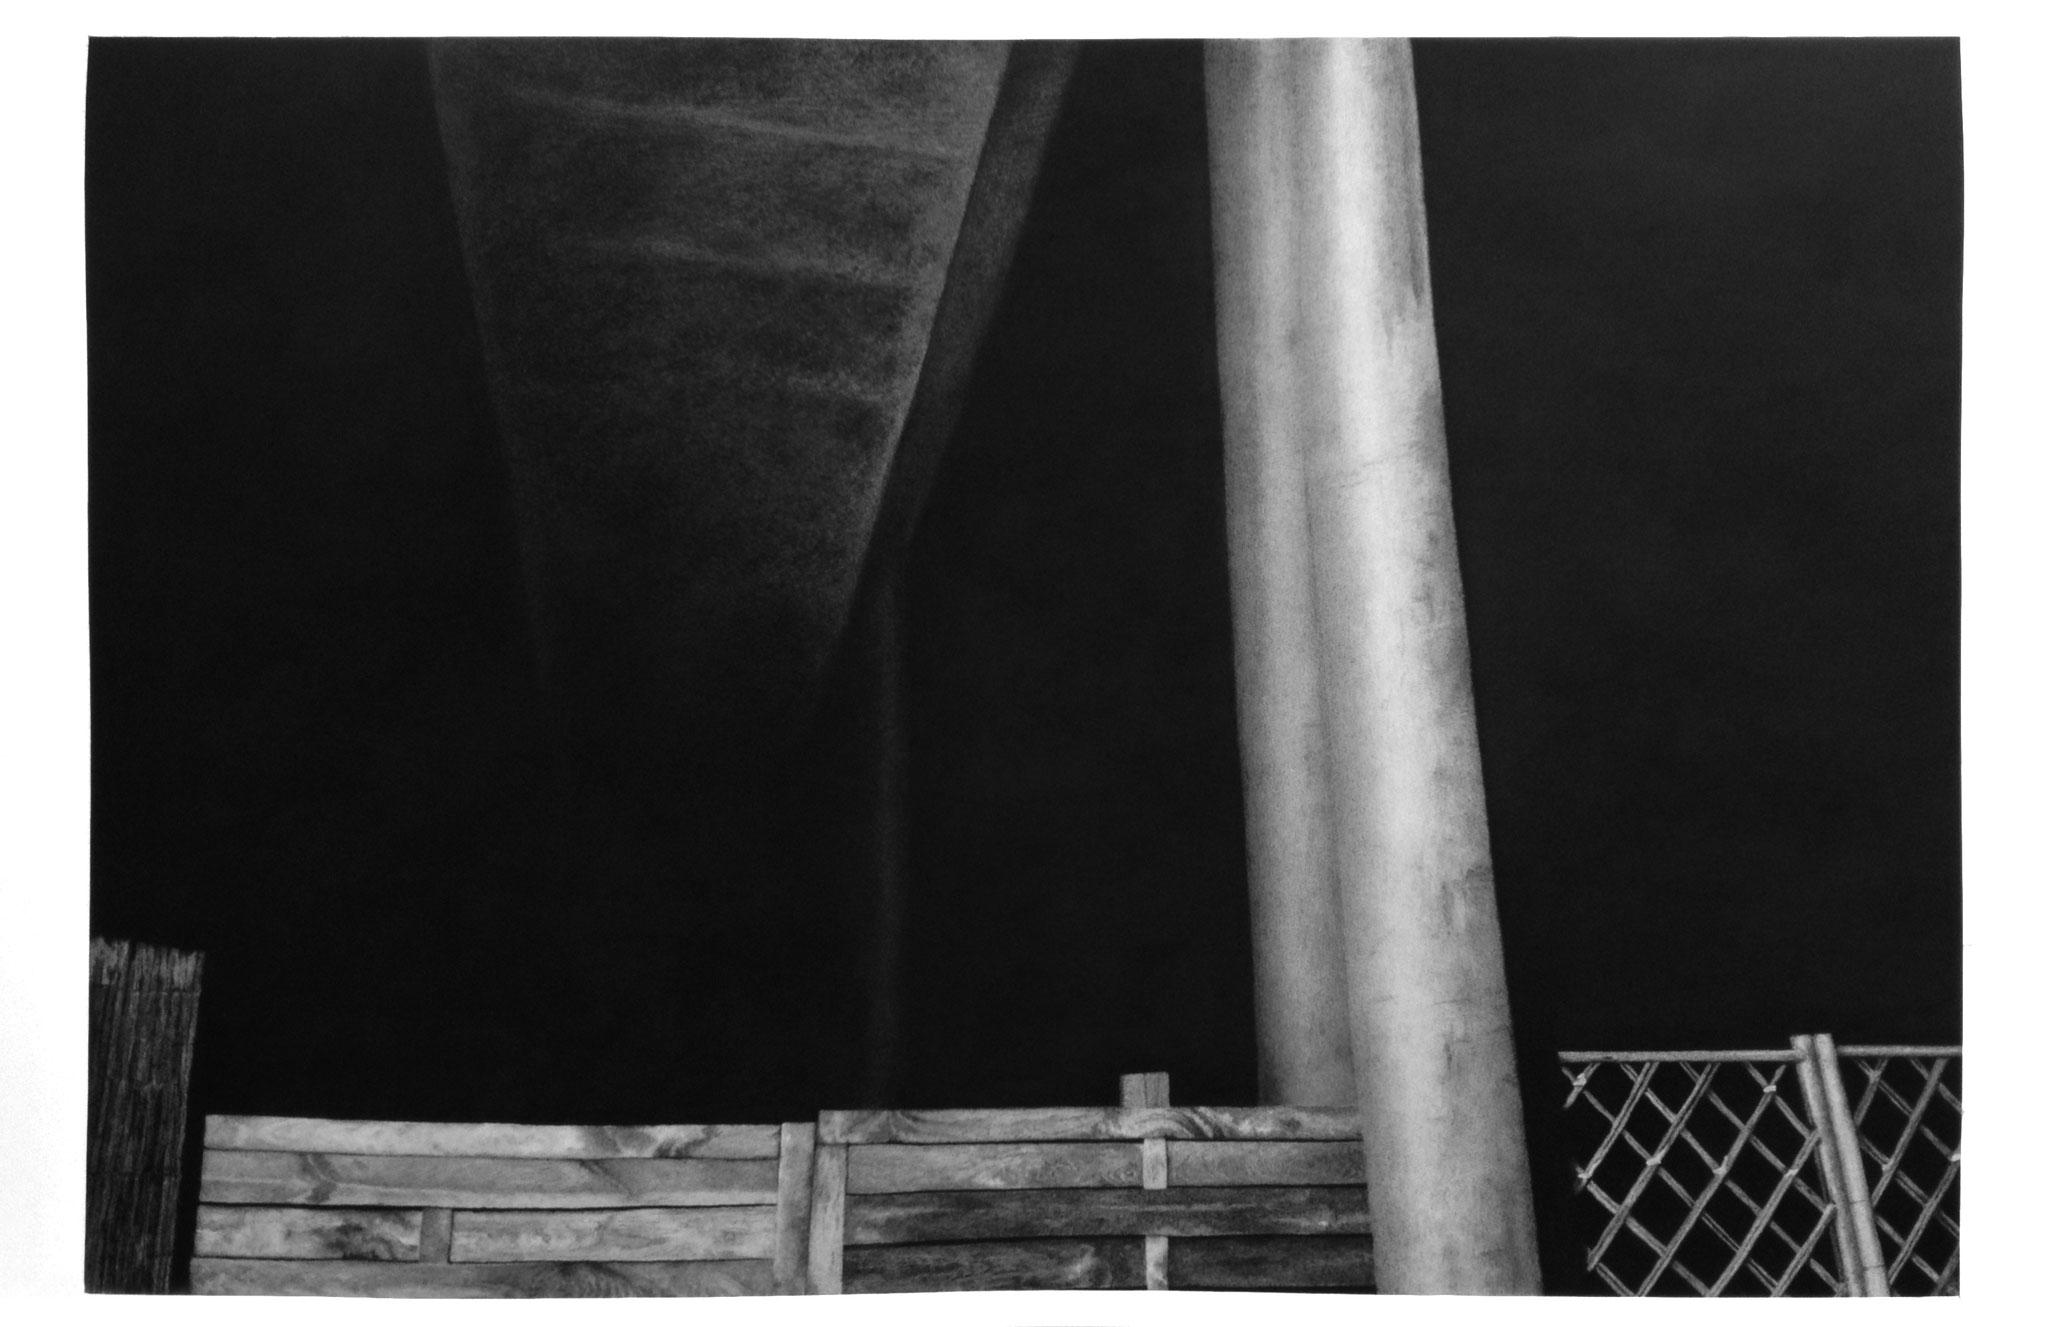 Julie Bonnaud et Fabien Leplae, #Beyond #Ater mat #In : la face perdue fusain, pierre noire et mine graphite sur papier, 136 x 85,5 cm, 2018